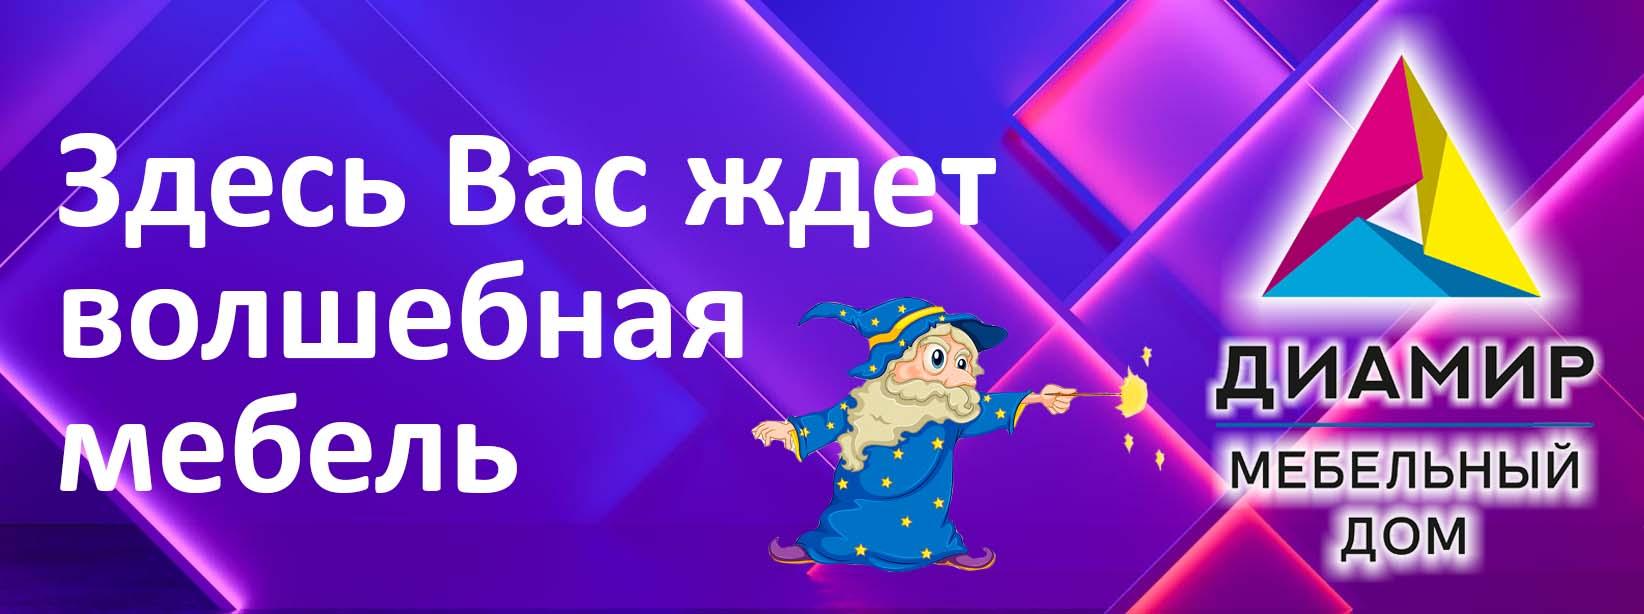 Мебельный дом Диамир - Мебель в Калининграде и области